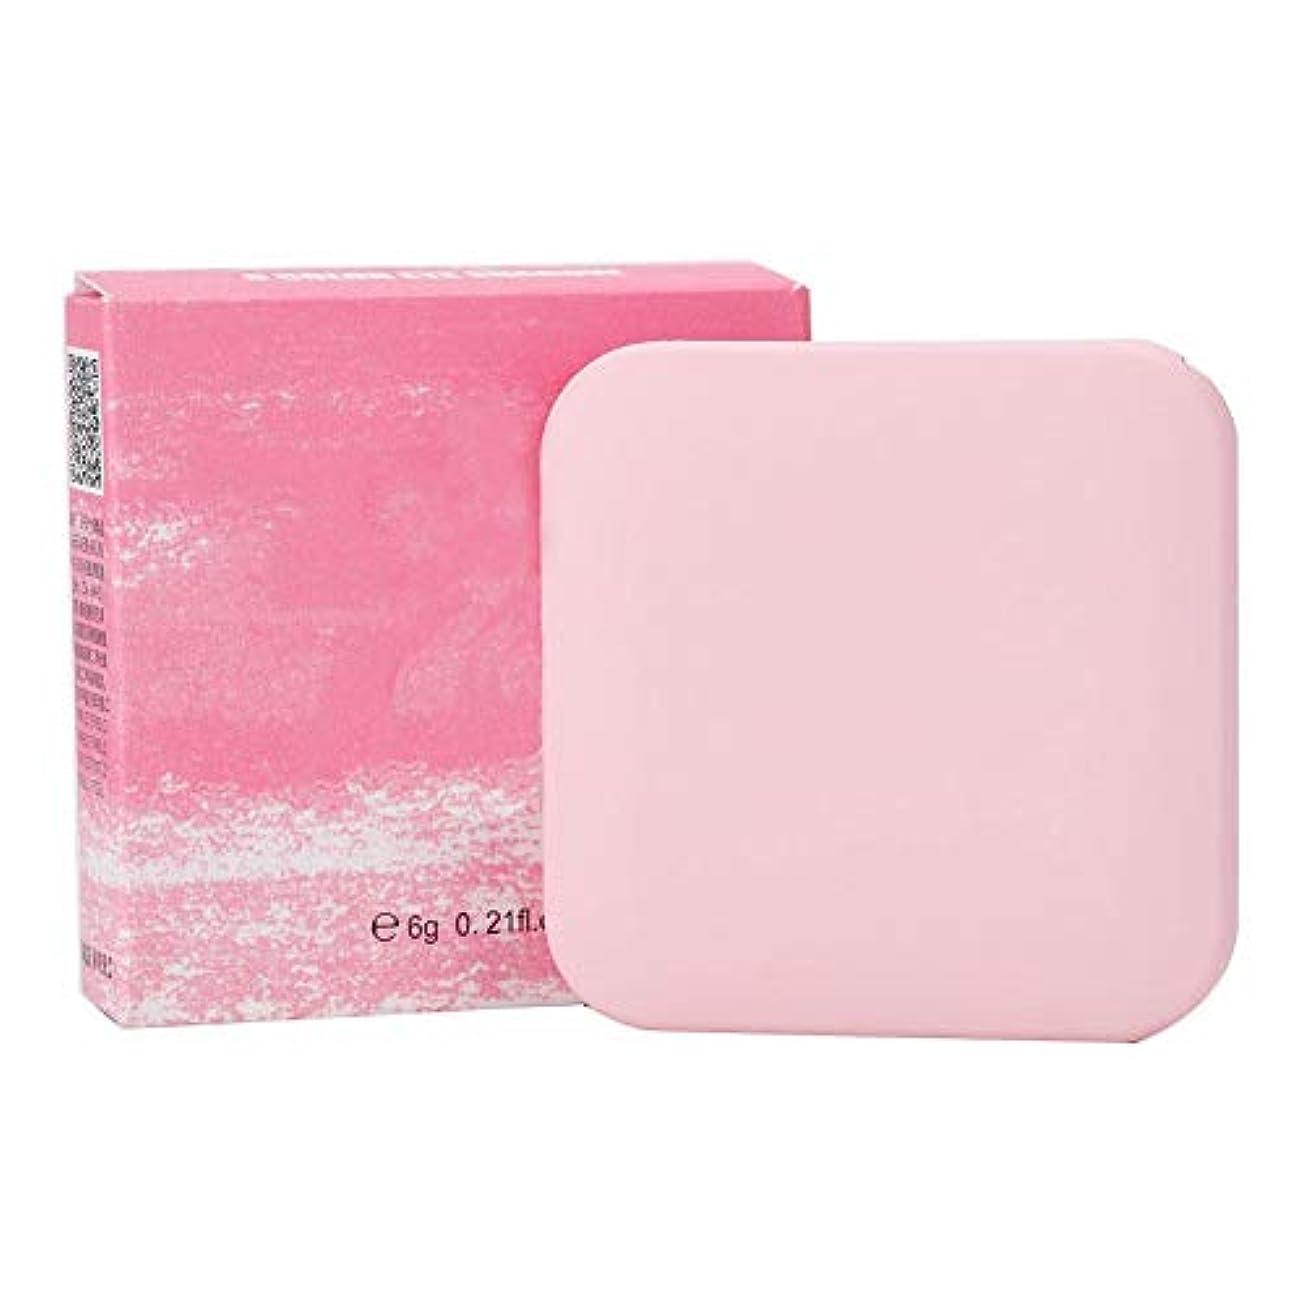 ブーム露骨なアリ6色 アイシャドウパレット 6g アイシャドウパレット 化粧マットグロス アイシャドウパウダー 化粧品ツール (01)